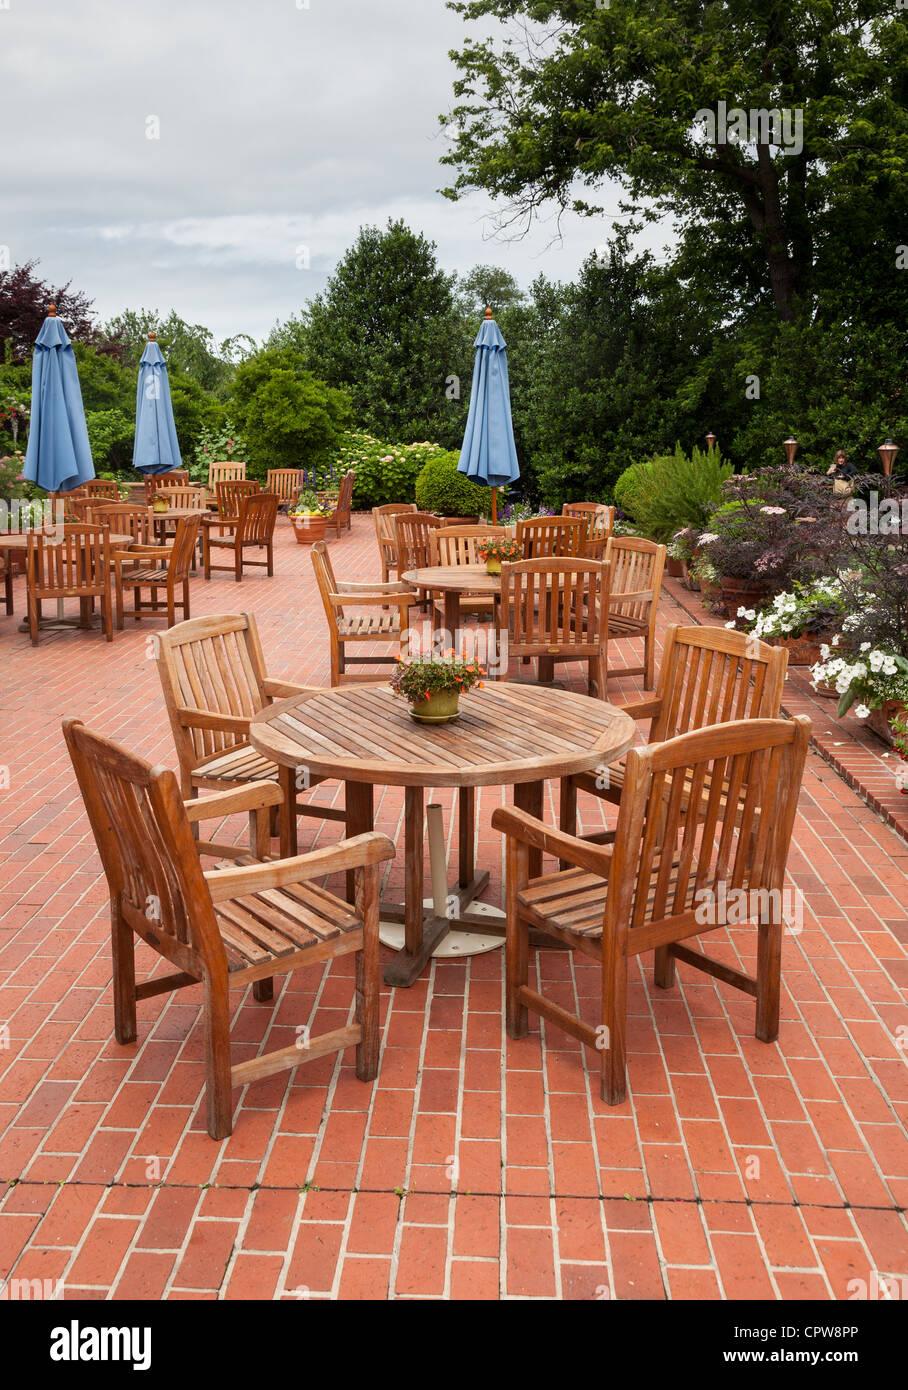 Des tables et des chaises sur la brique dans le patio bar café ou restaurant Photo Stock